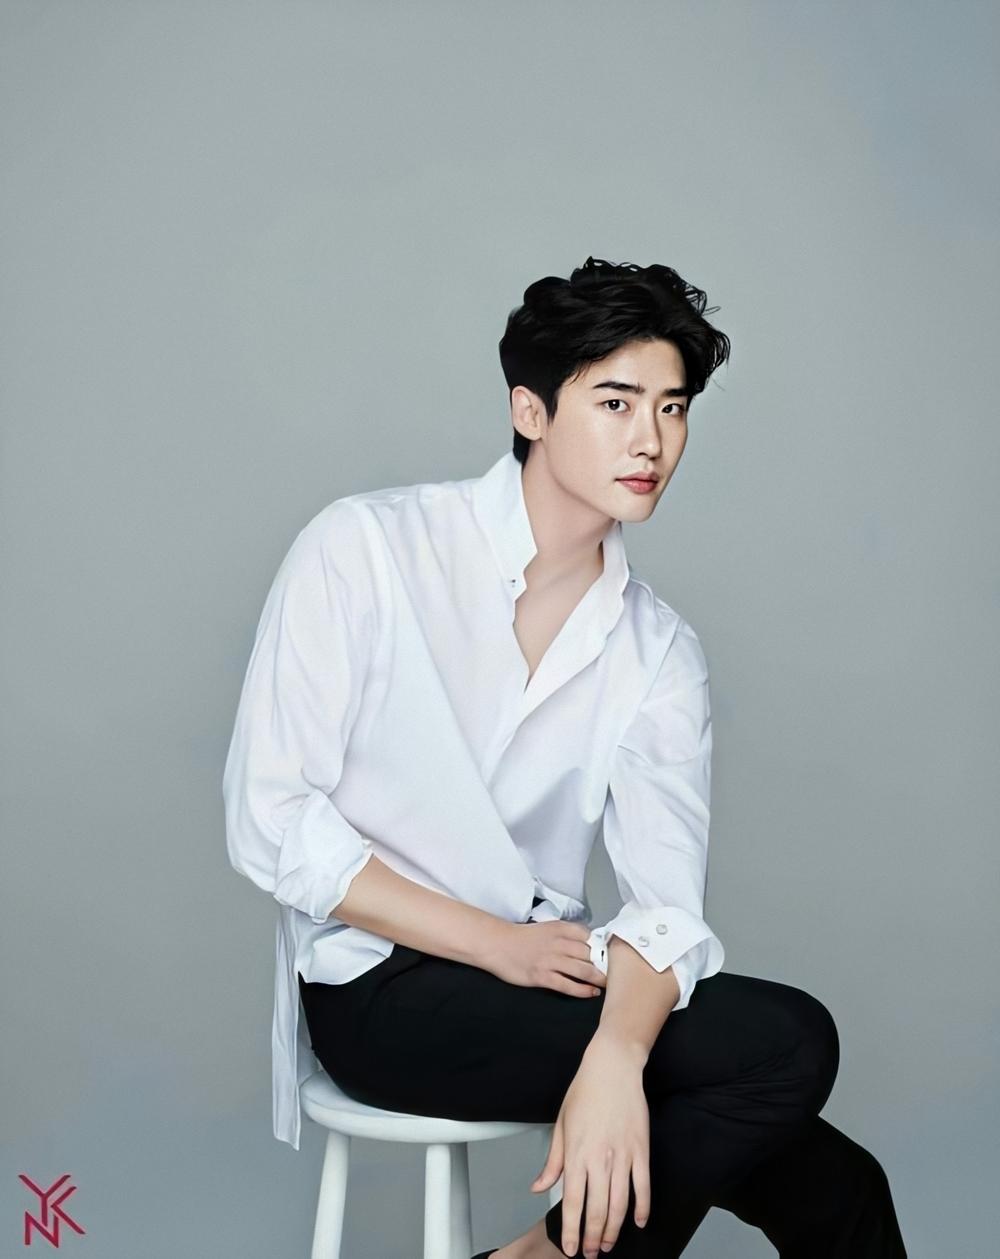 Lee Jong Suk sinh năm 1989, khởi nghiệp là người mẫu, về sau vang danh châu Á với loạt phim Đôi tai ngoại cảm, Thuật xem tướng, Cô bé người gỗ, Hai thế giới...